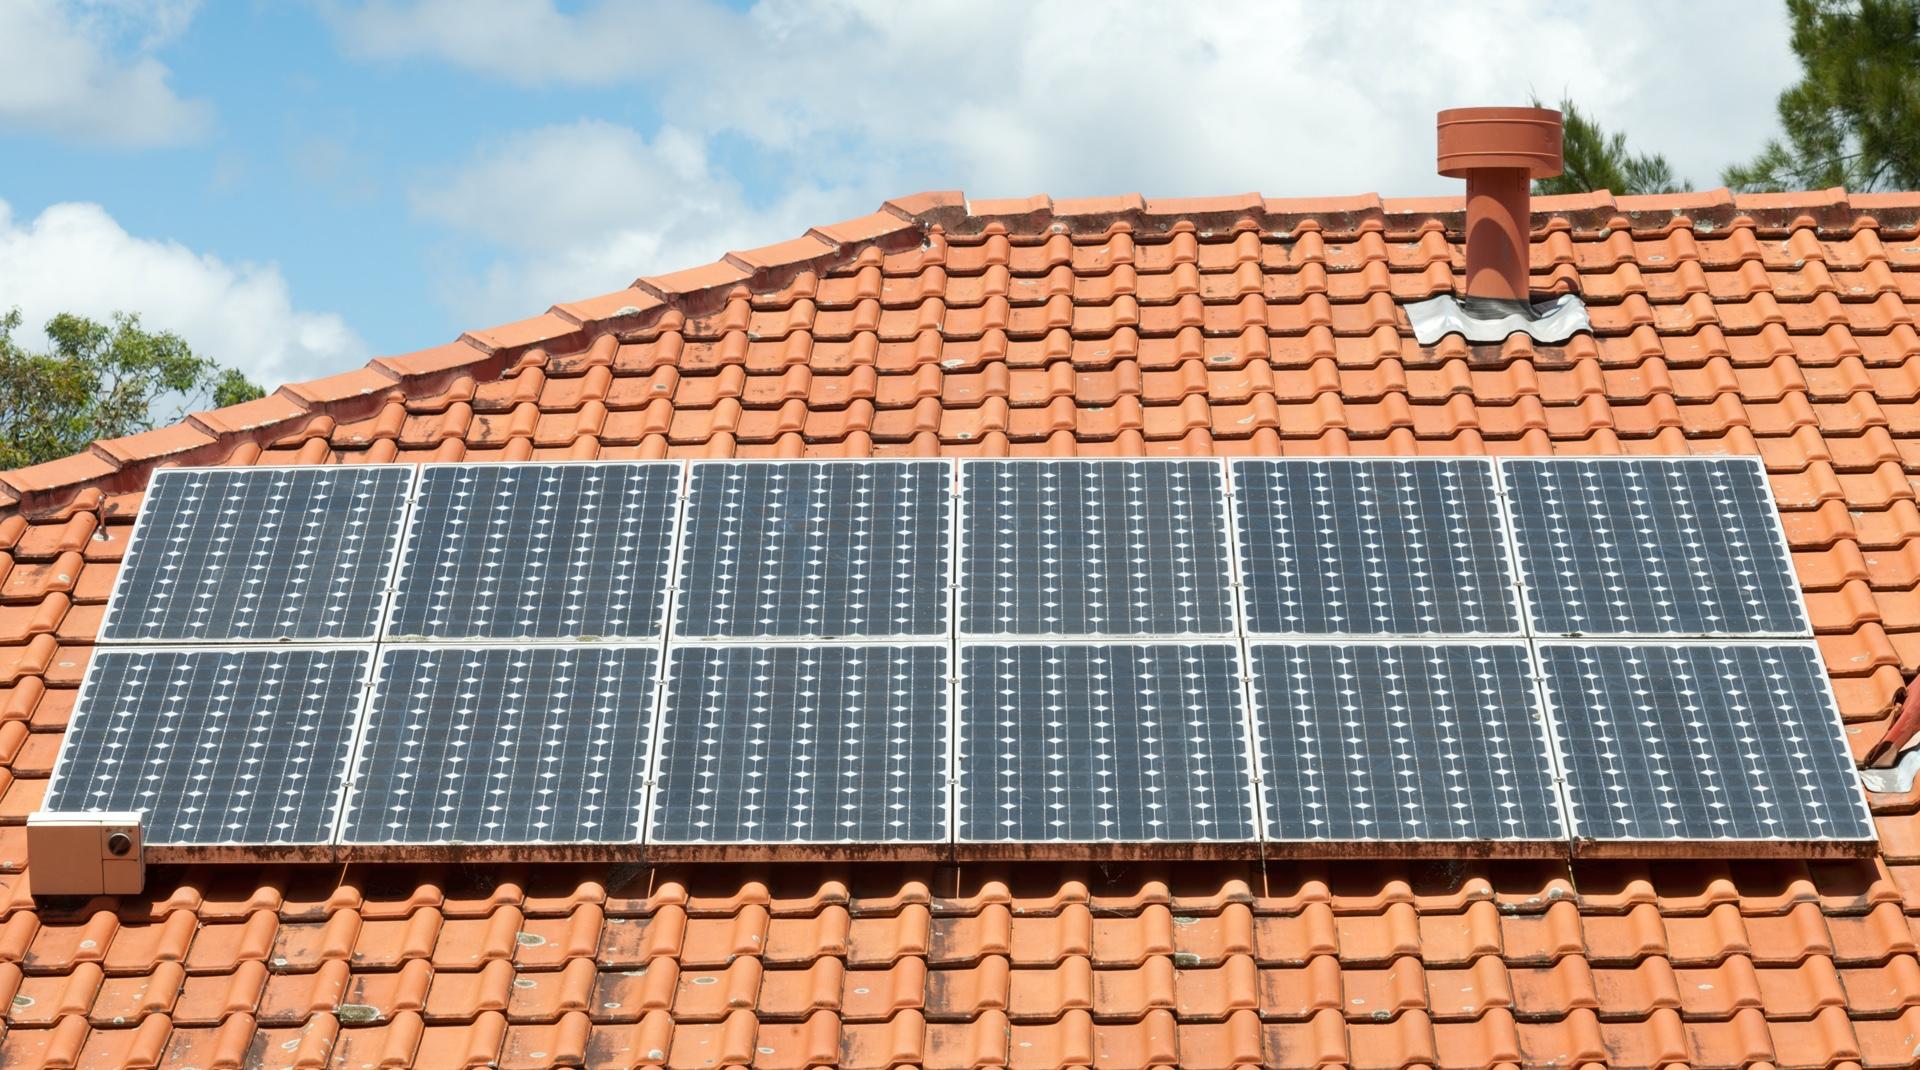 Rotes Walmdach mit Solarzellen